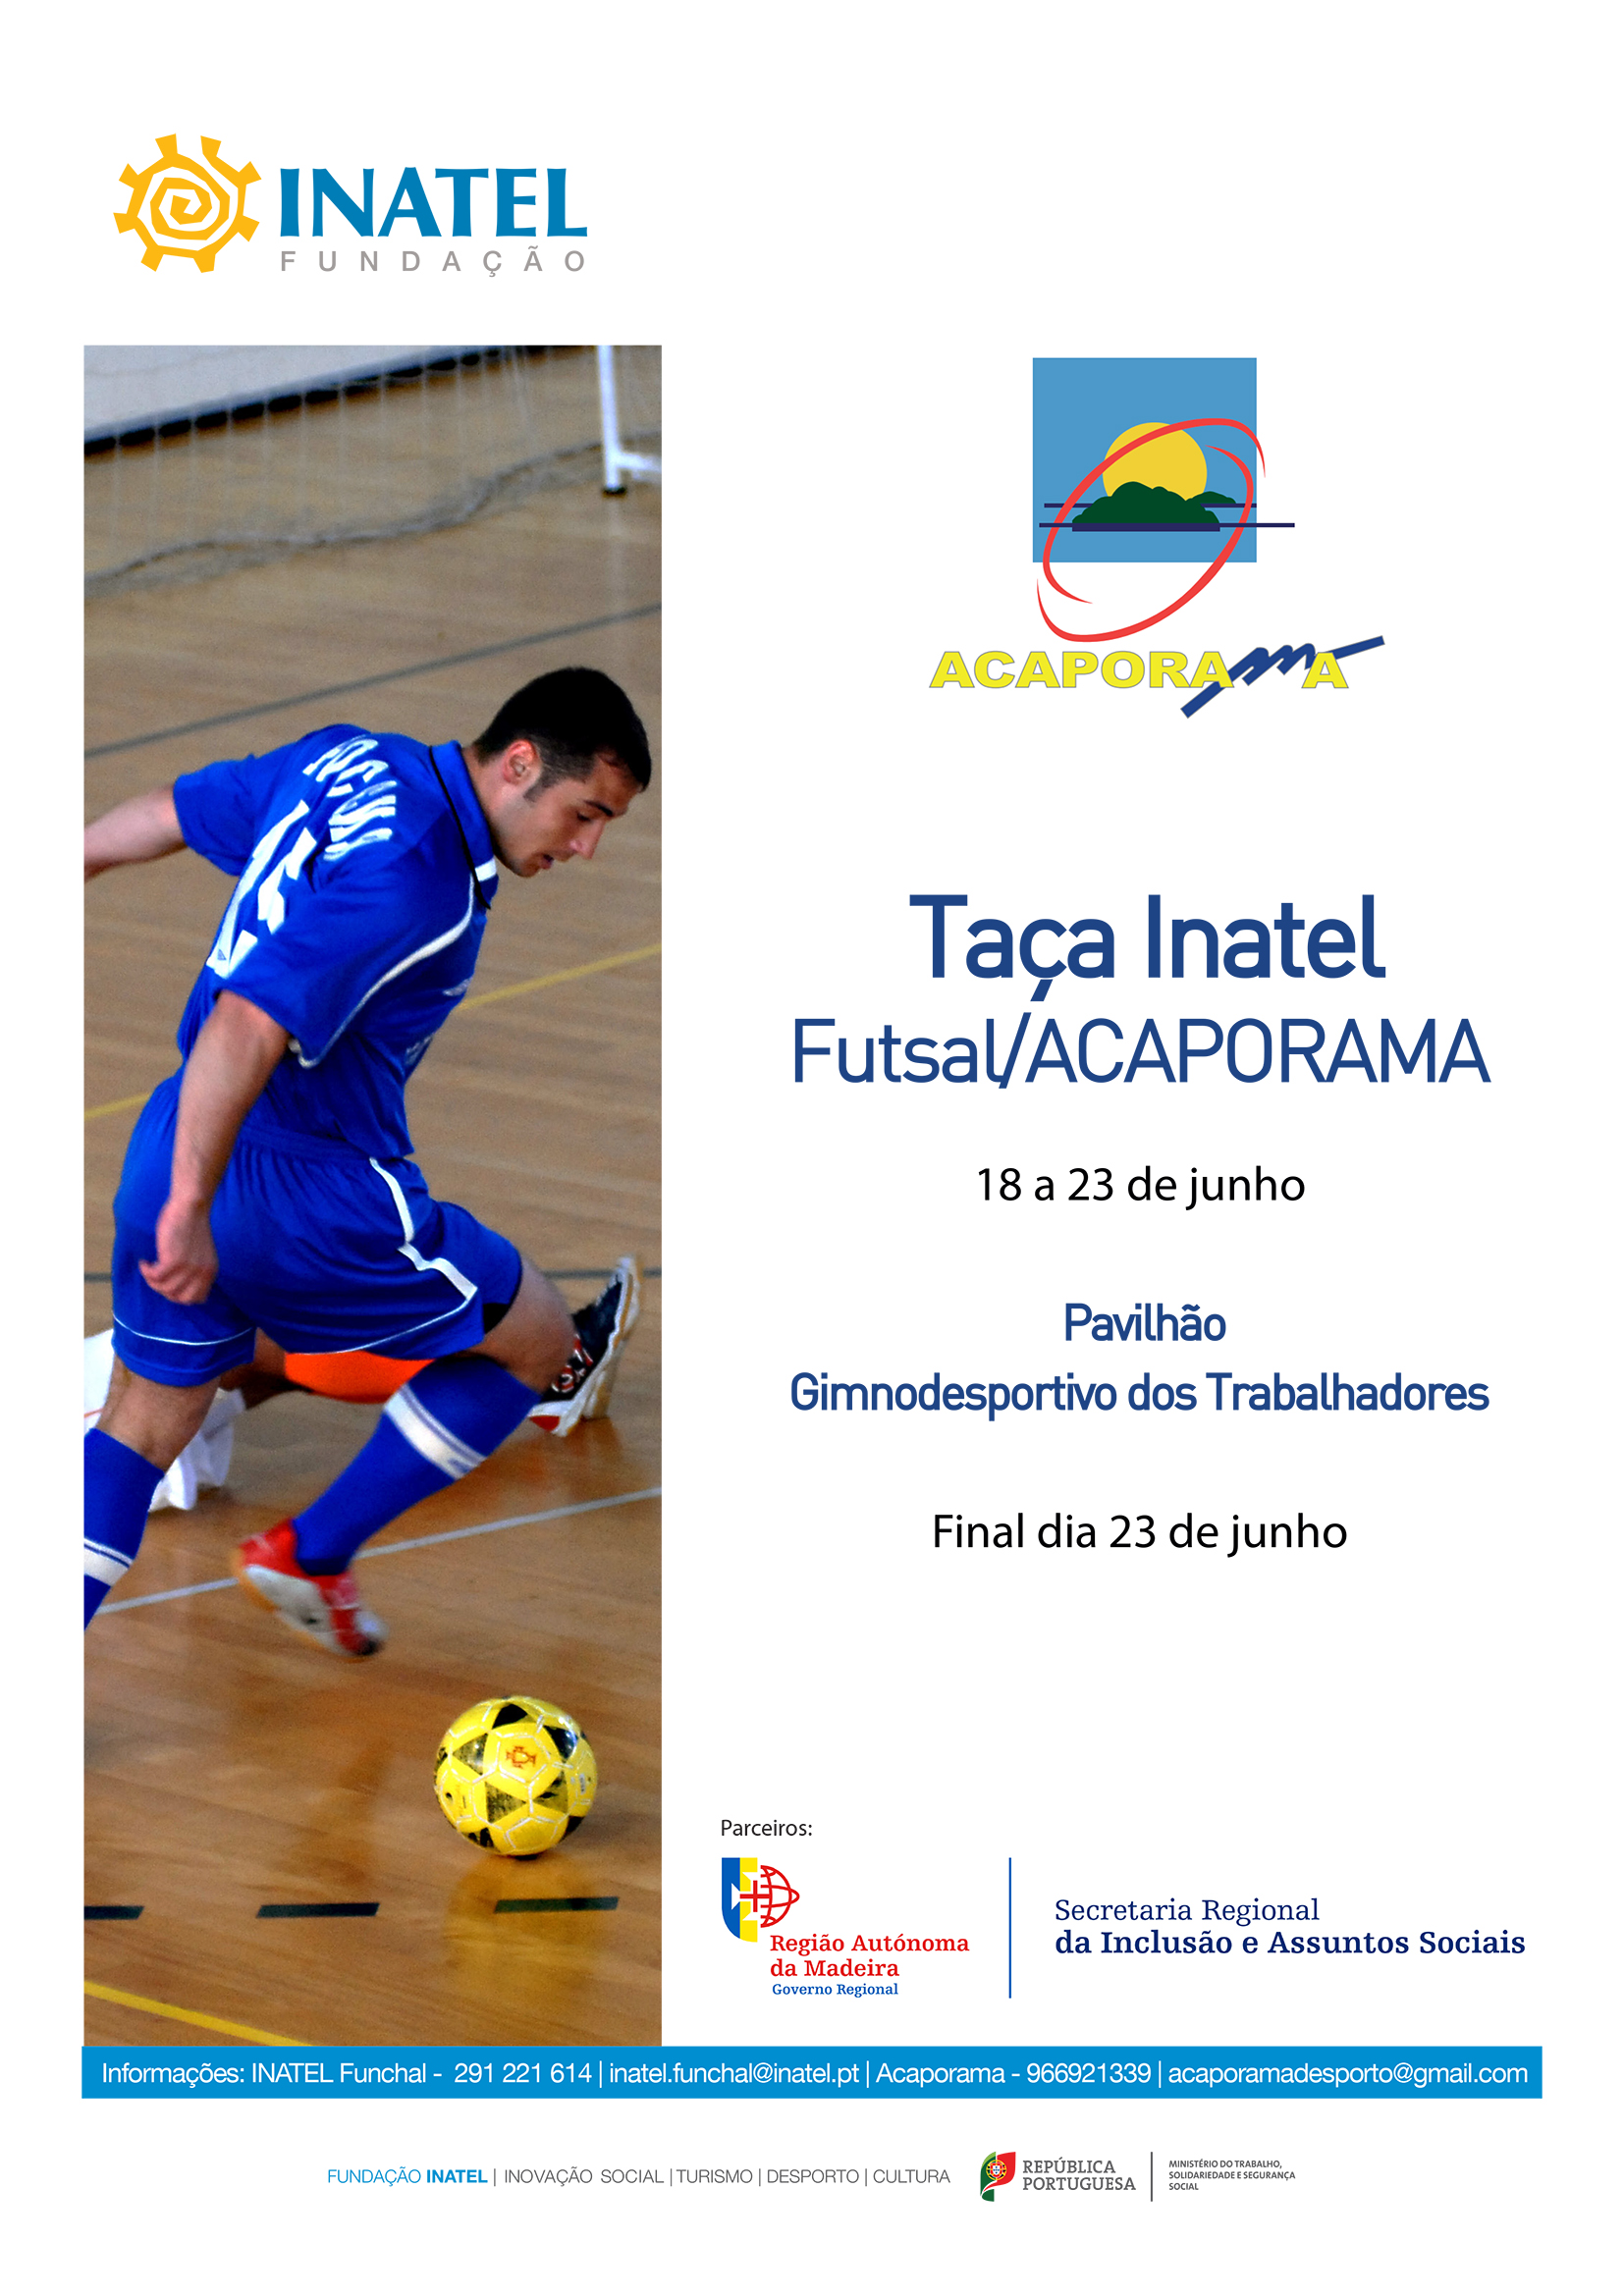 Inatel Funchal e ACAPORAMA promovem competição de futebol de salão 1c2067d48031b